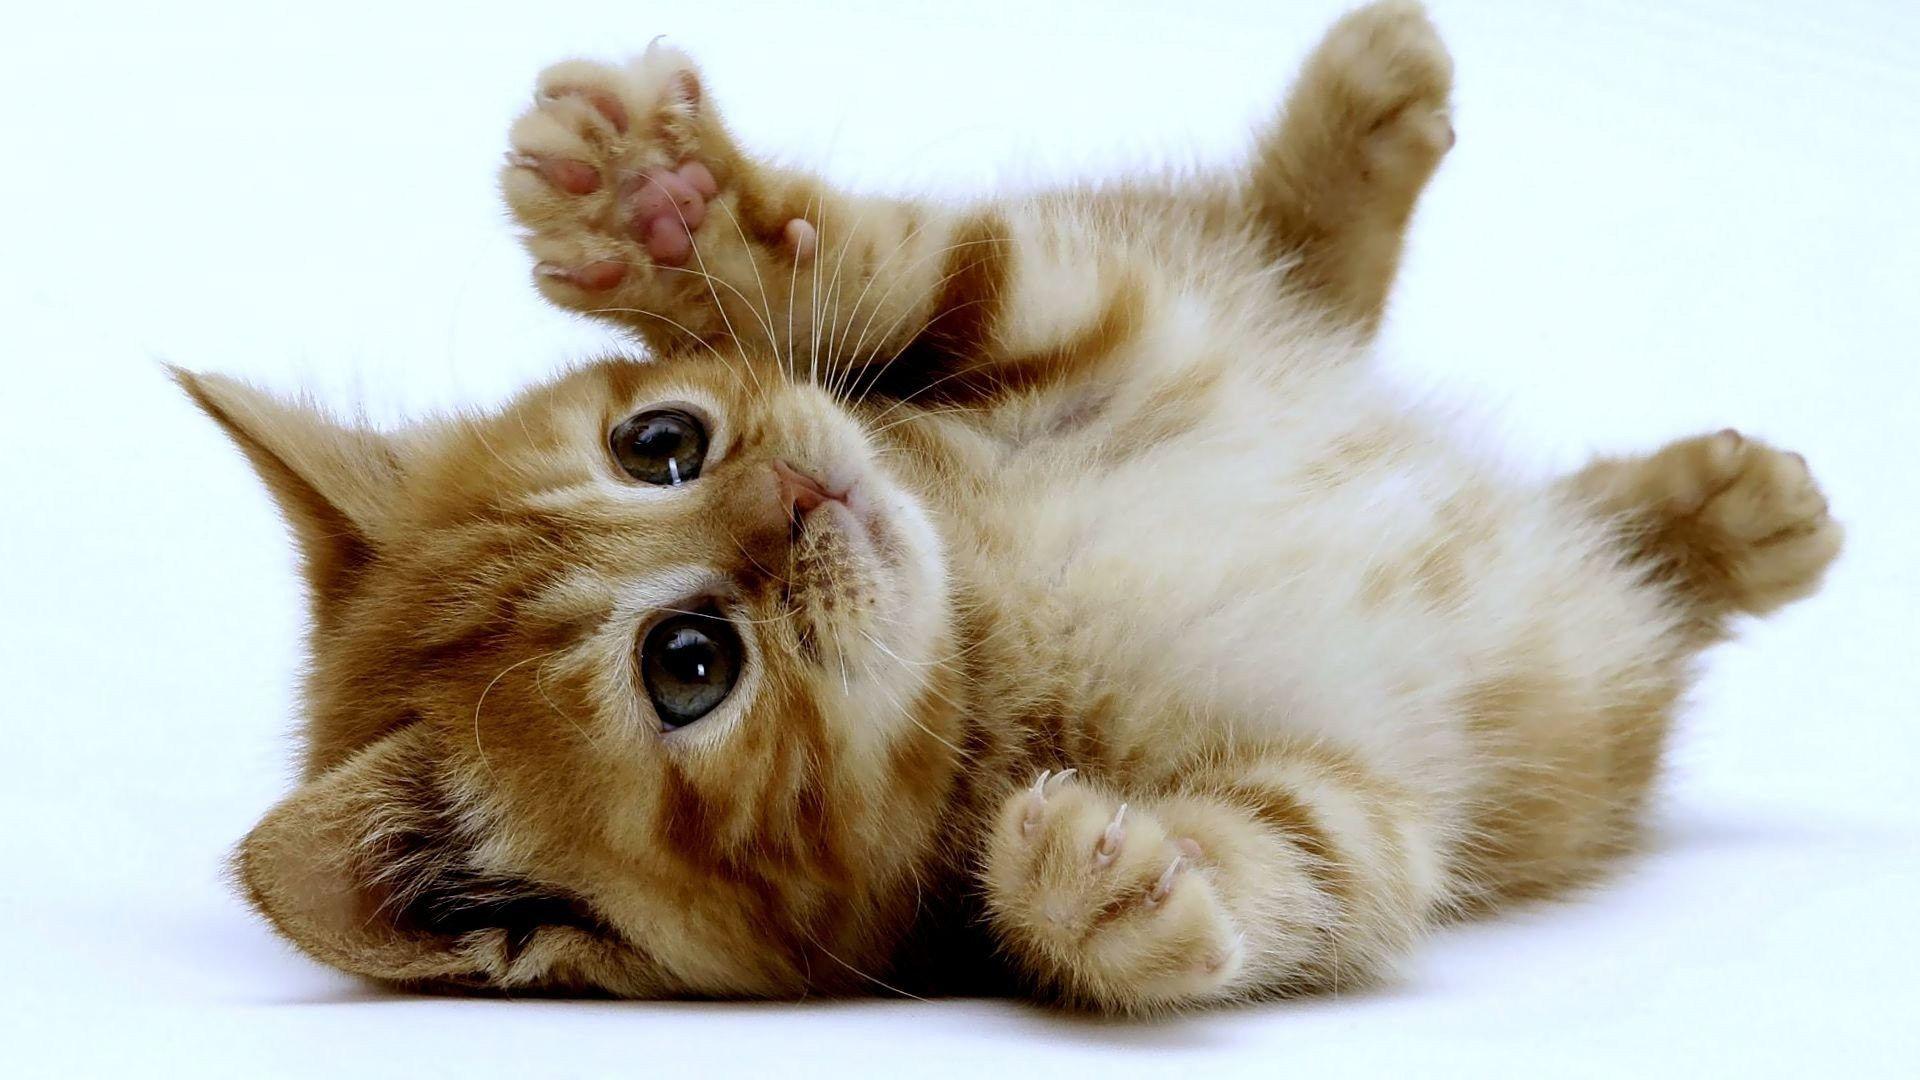 Arriva un gattino